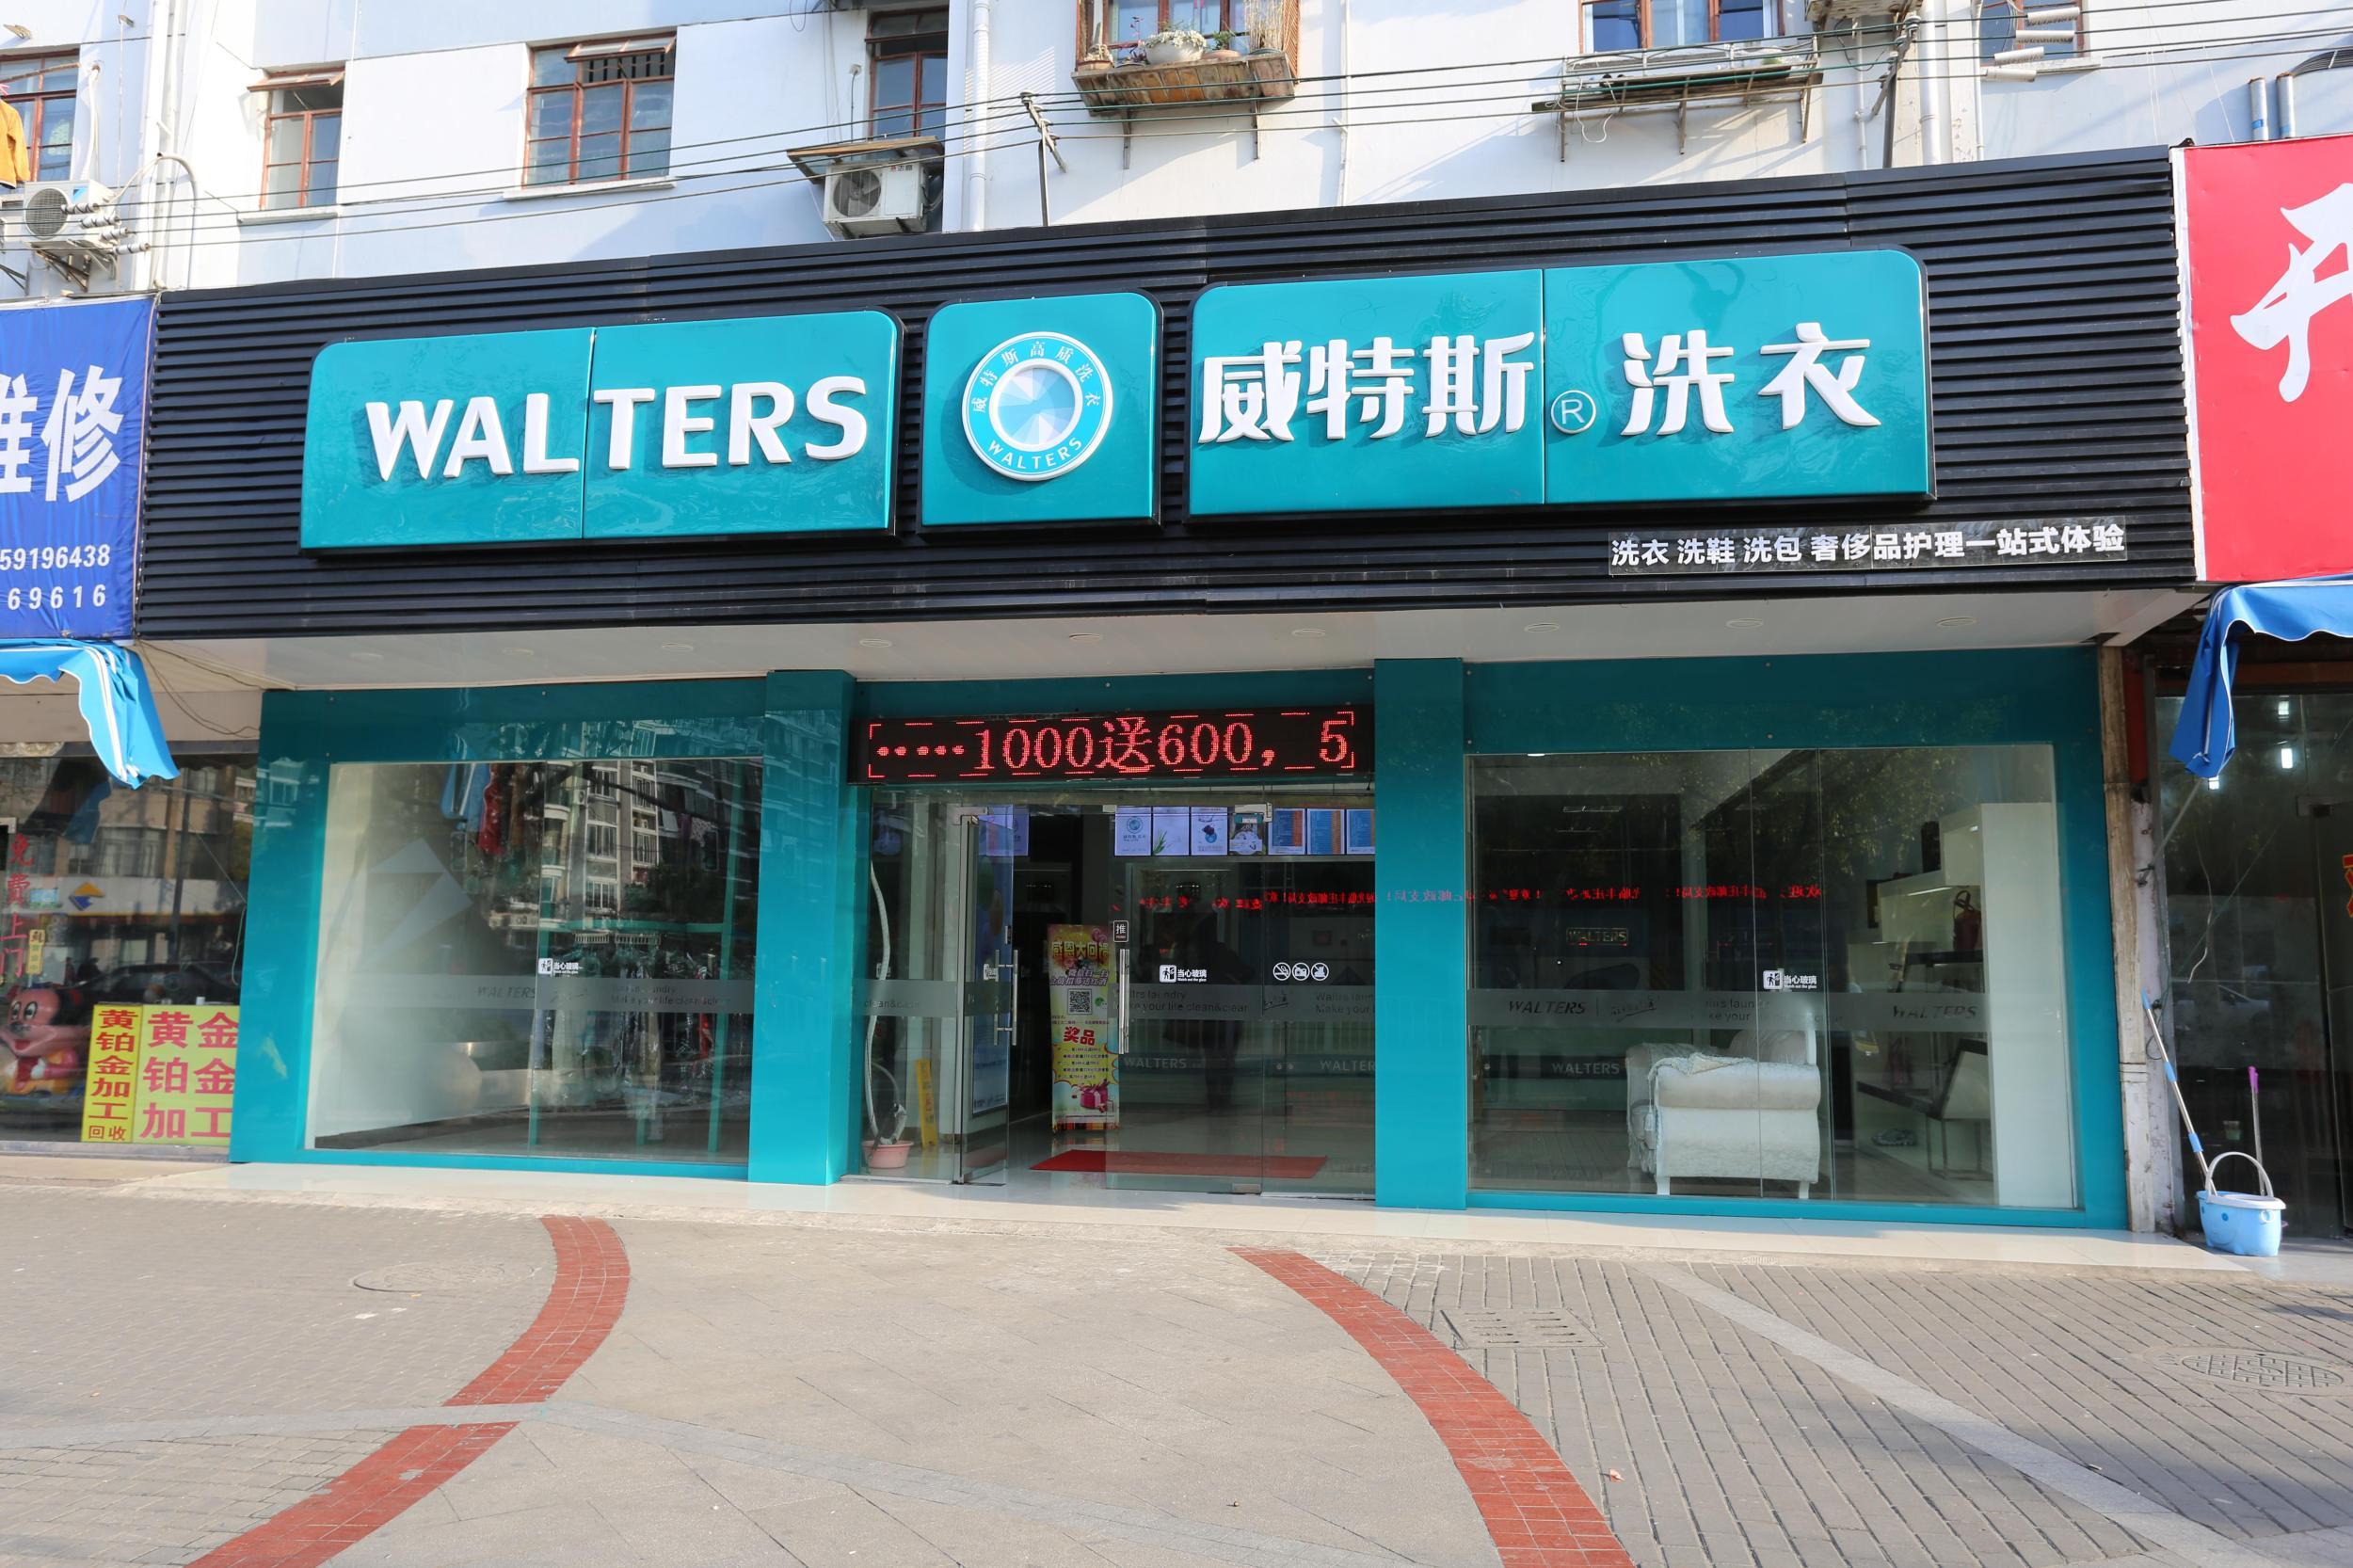 加盟威特斯国际干衣店连锁怎么样吗?赚钱吗?